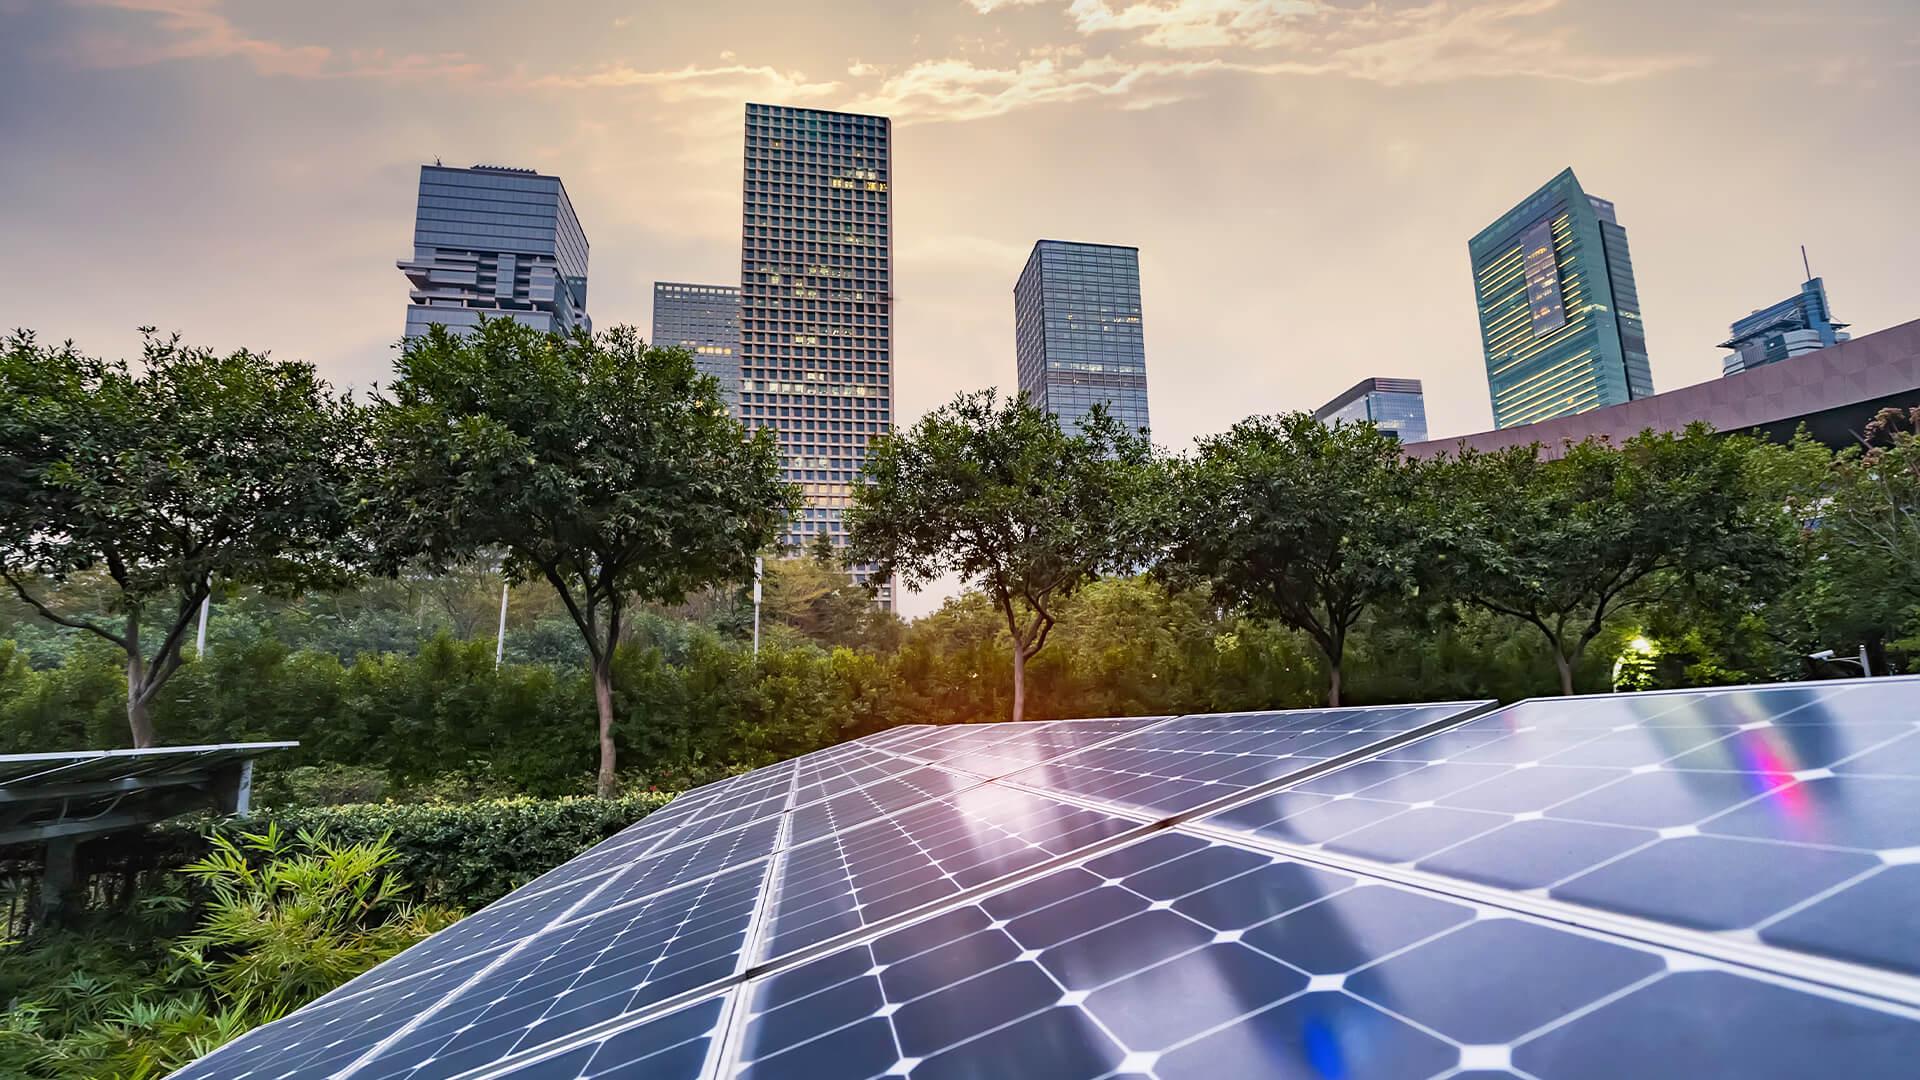 Solar Energy Buildings